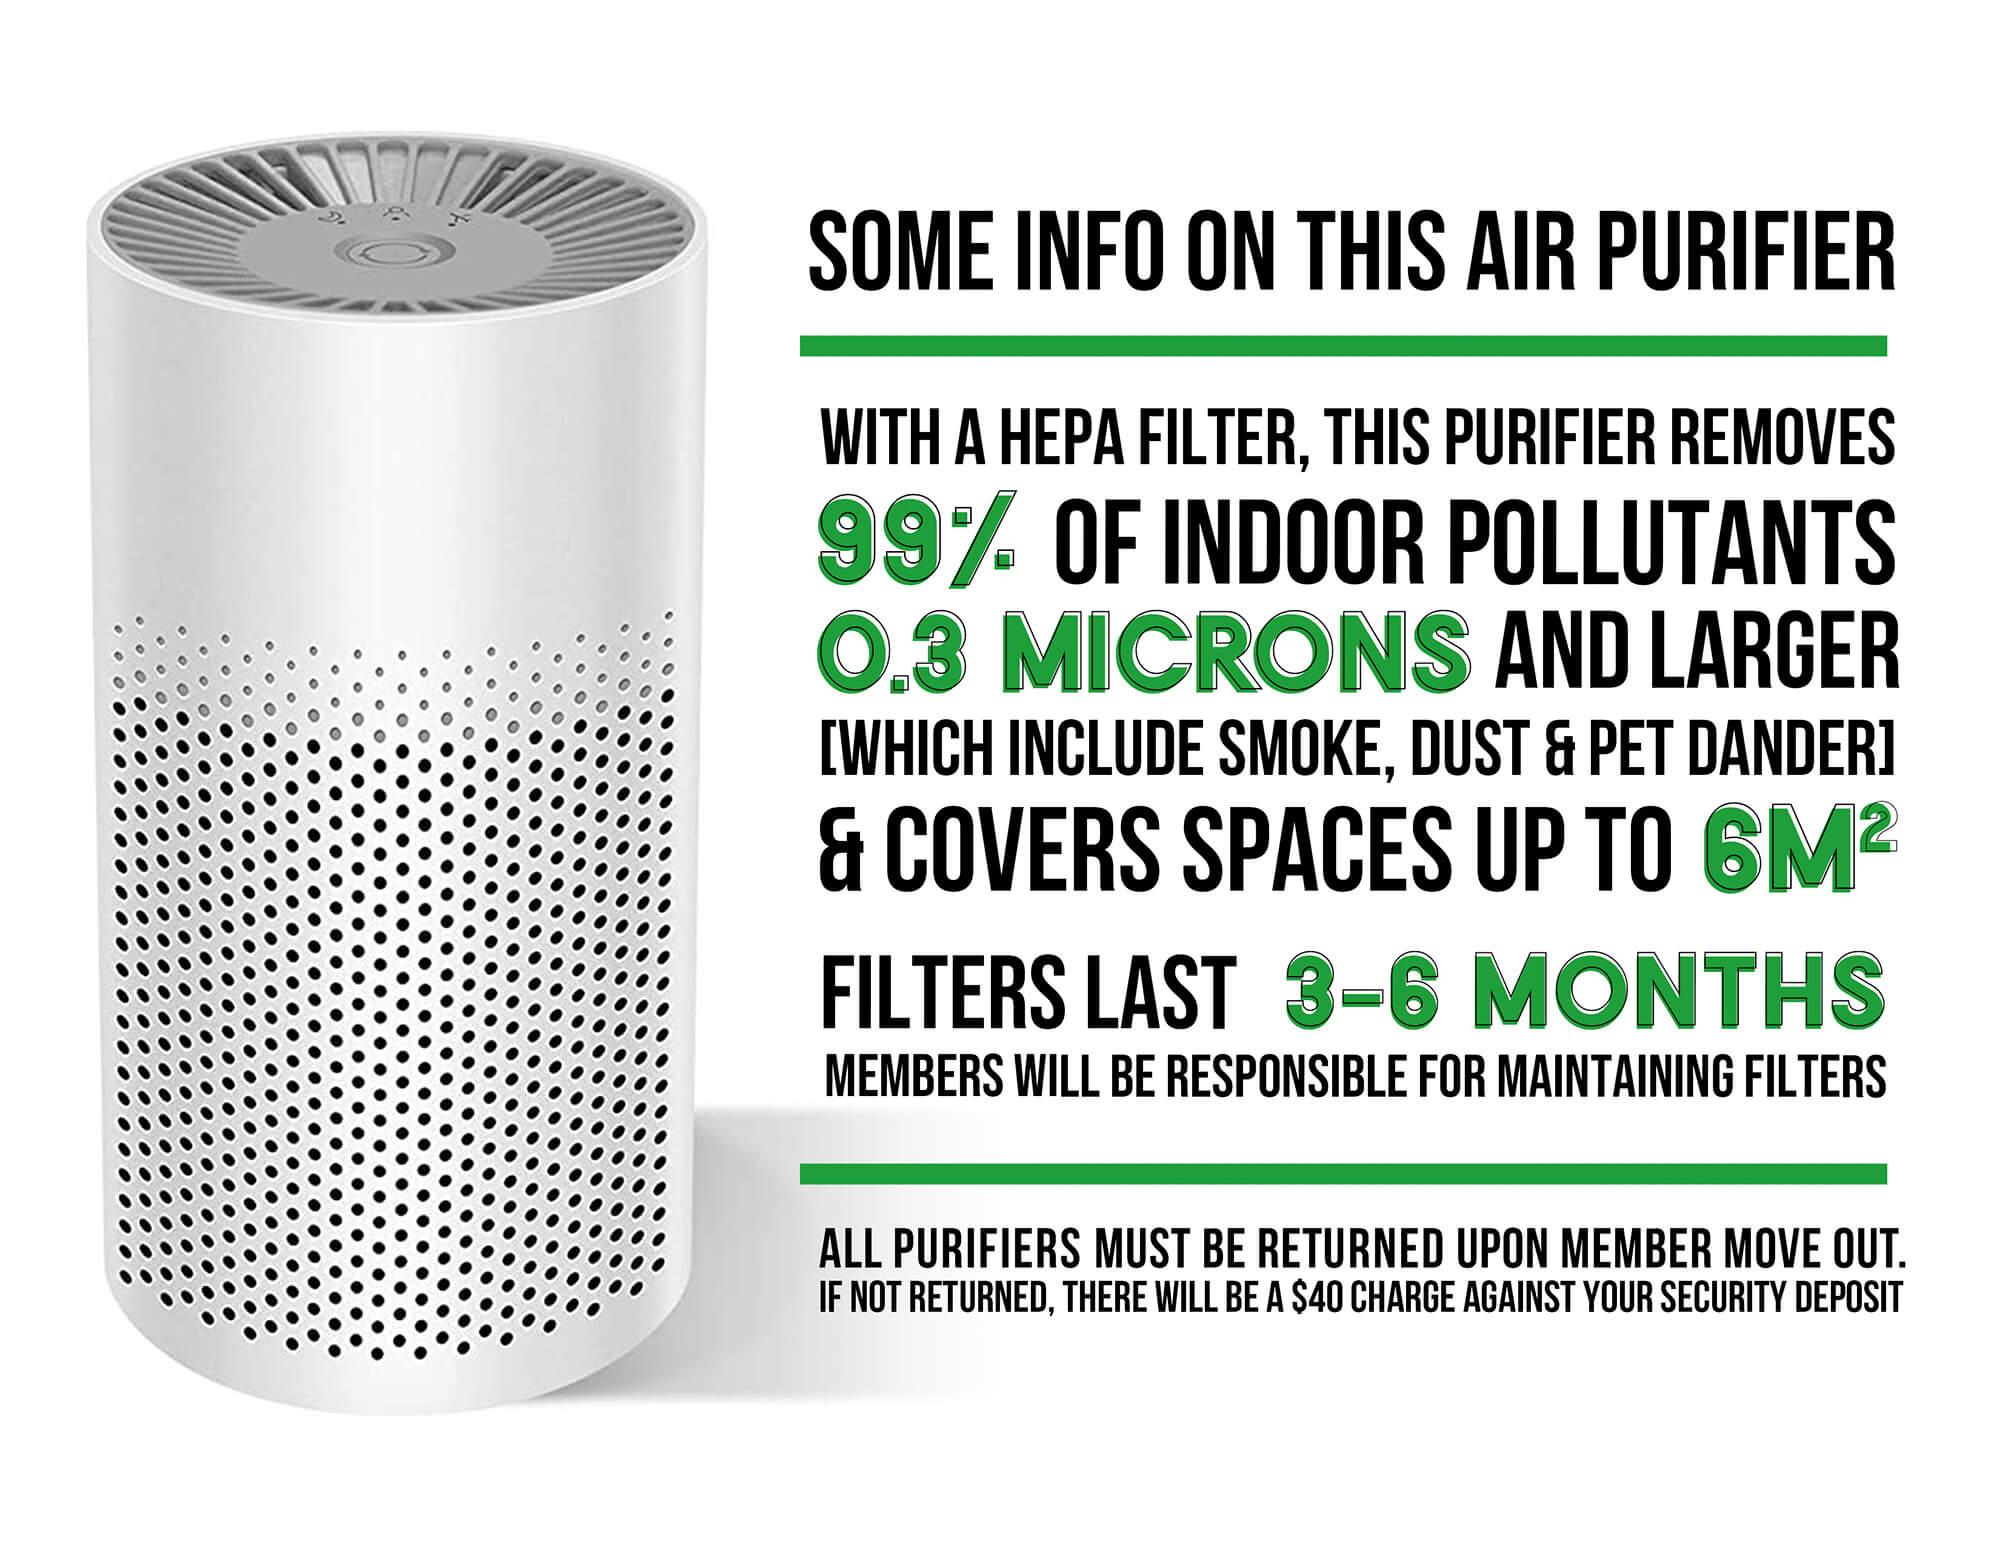 Air Purifier Flier